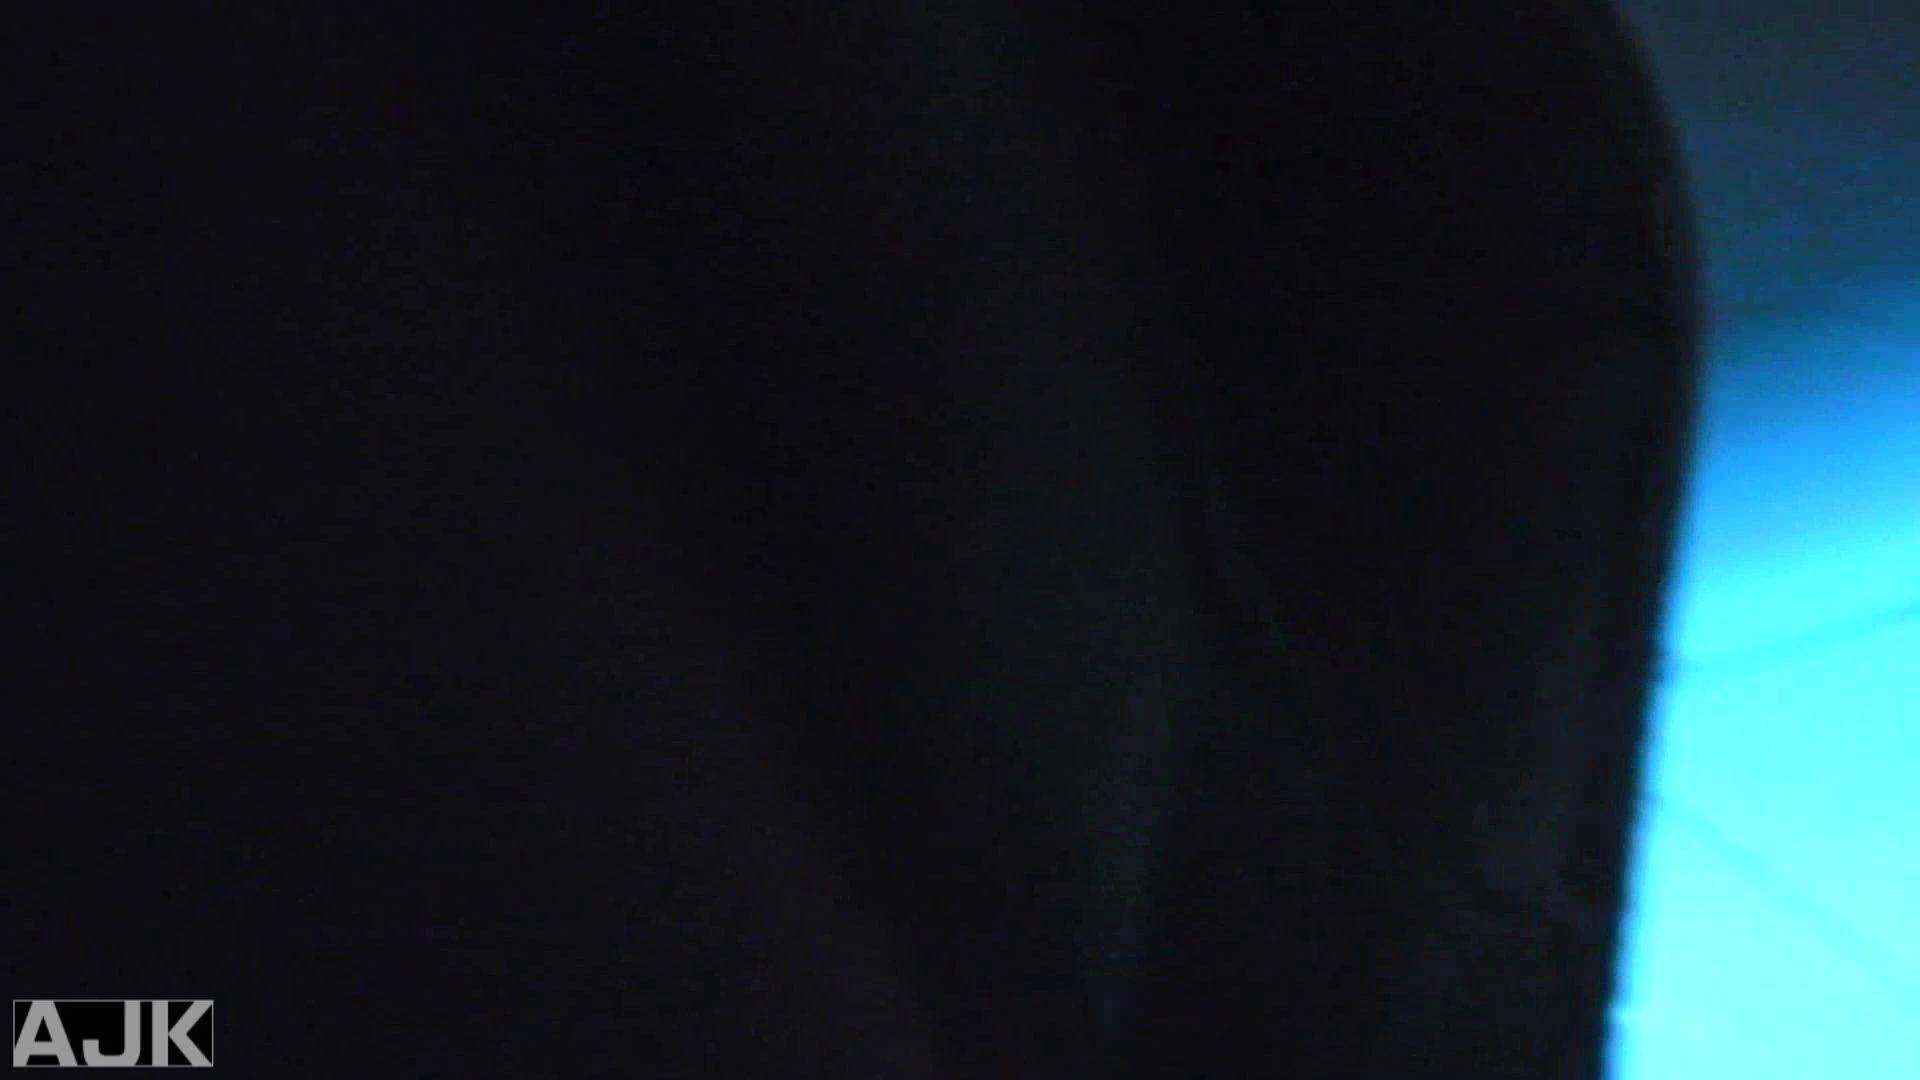 隣国上階級エリアの令嬢たちが集うデパートお手洗い Vol.24 マンコ おまんこ動画流出 82画像 4